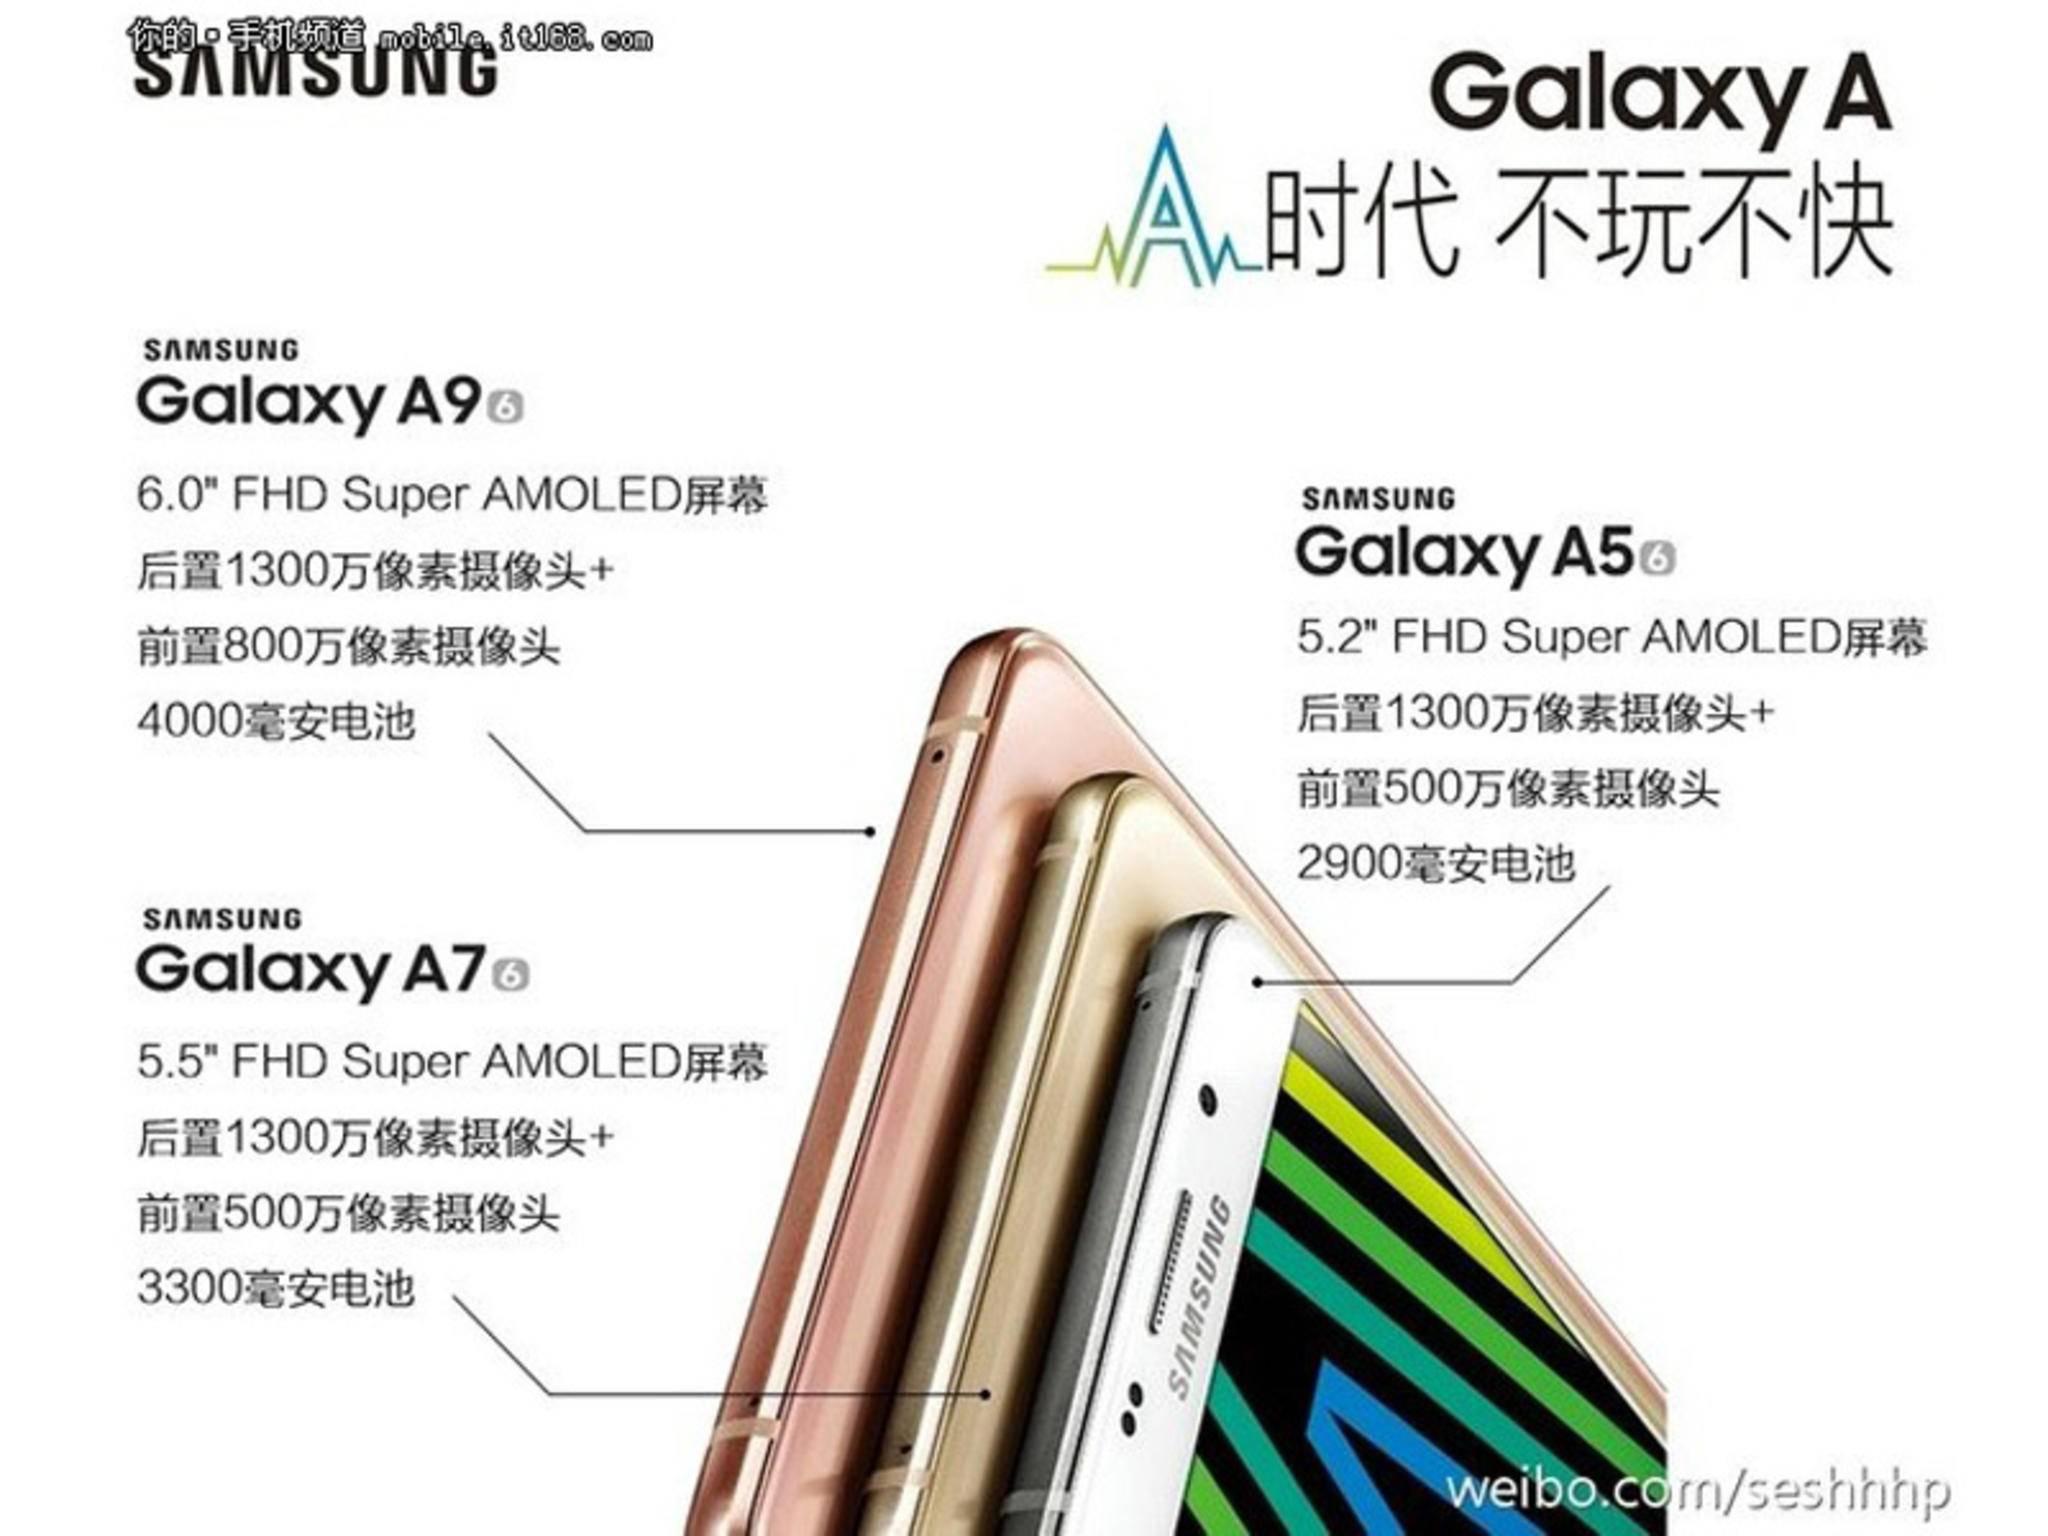 Dieser Promo-Leak enthüllt das Galaxy A9 mit AMOLED-Screen und 6 Zoll.